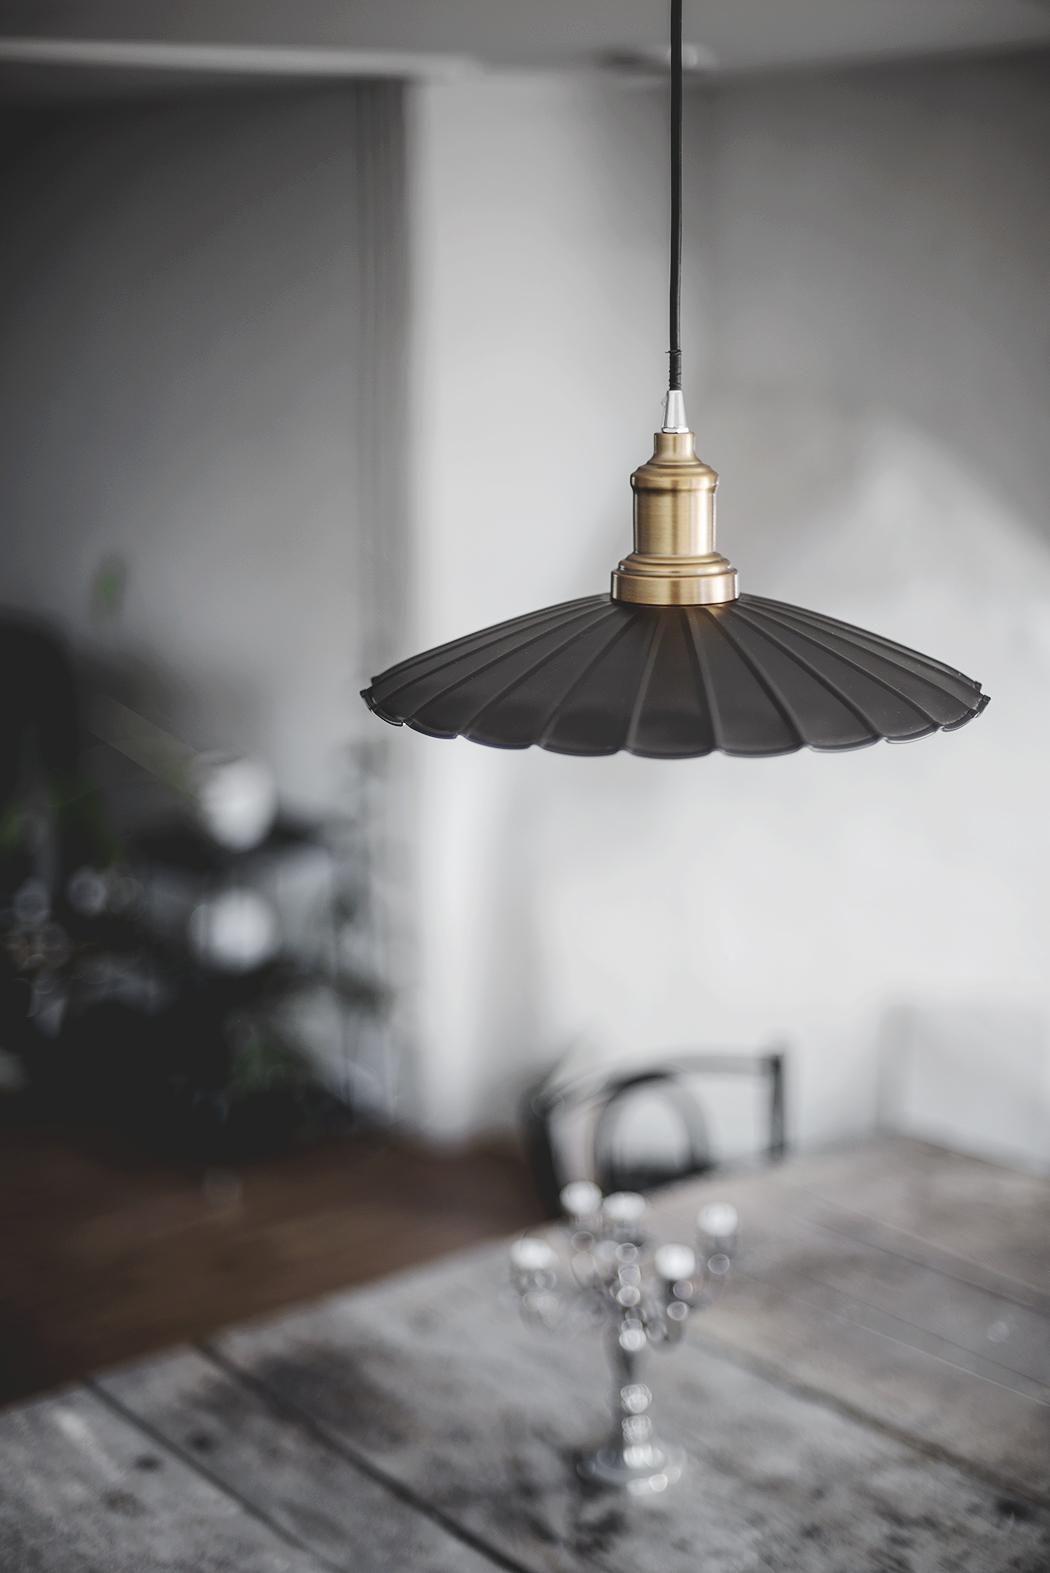 en liten lampskärm